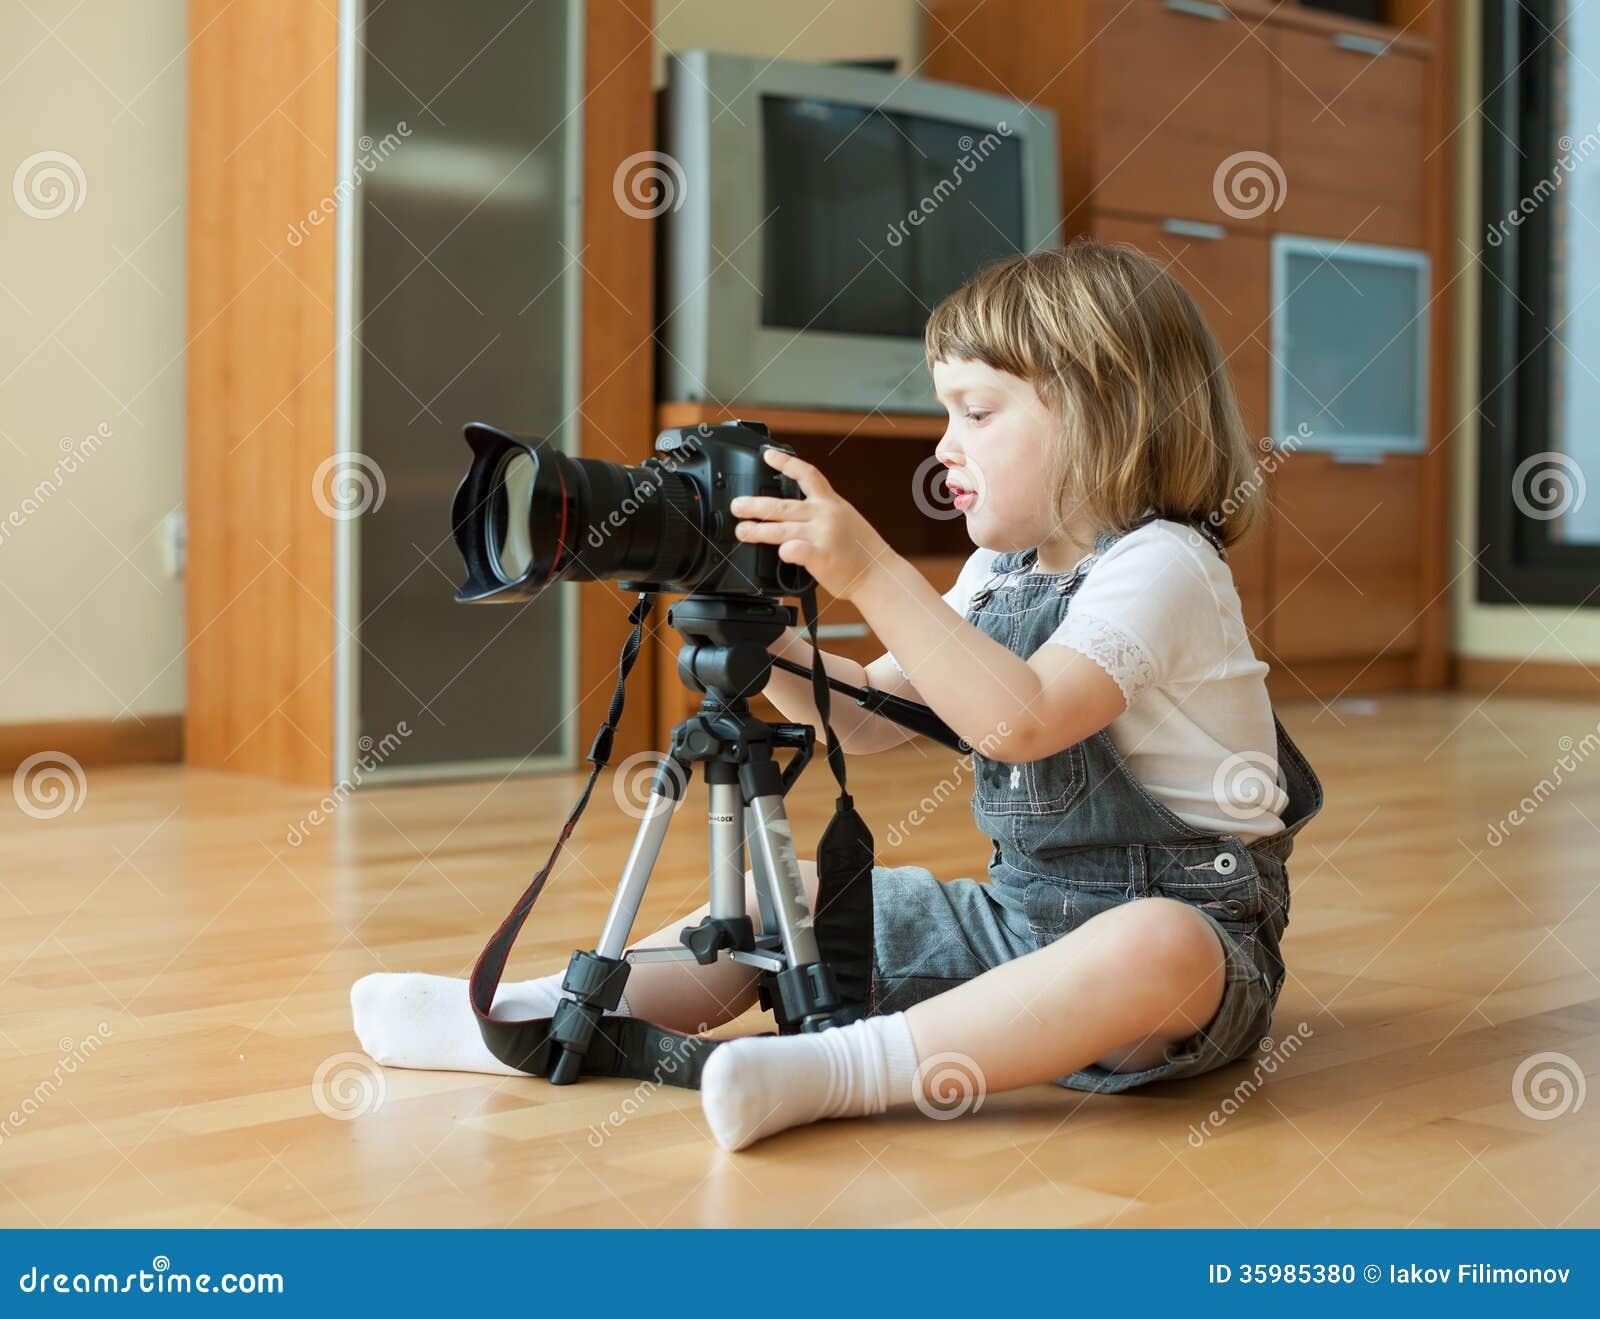 2 Jahre Kind Macht Foto Mit Kamera Stockfoto - Bild von liebhaberei ...